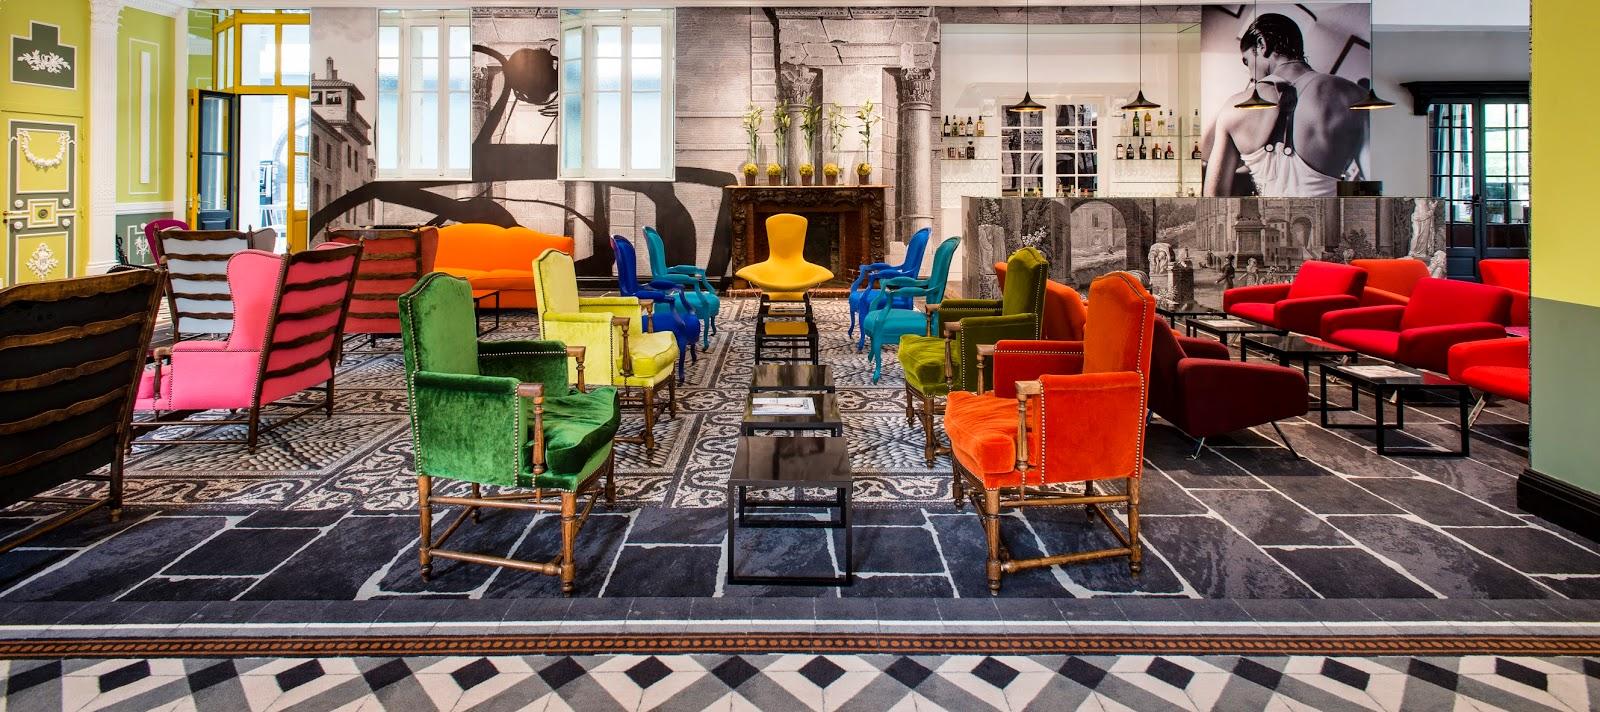 tom dixon hotel jules cesar arles agence at. Black Bedroom Furniture Sets. Home Design Ideas